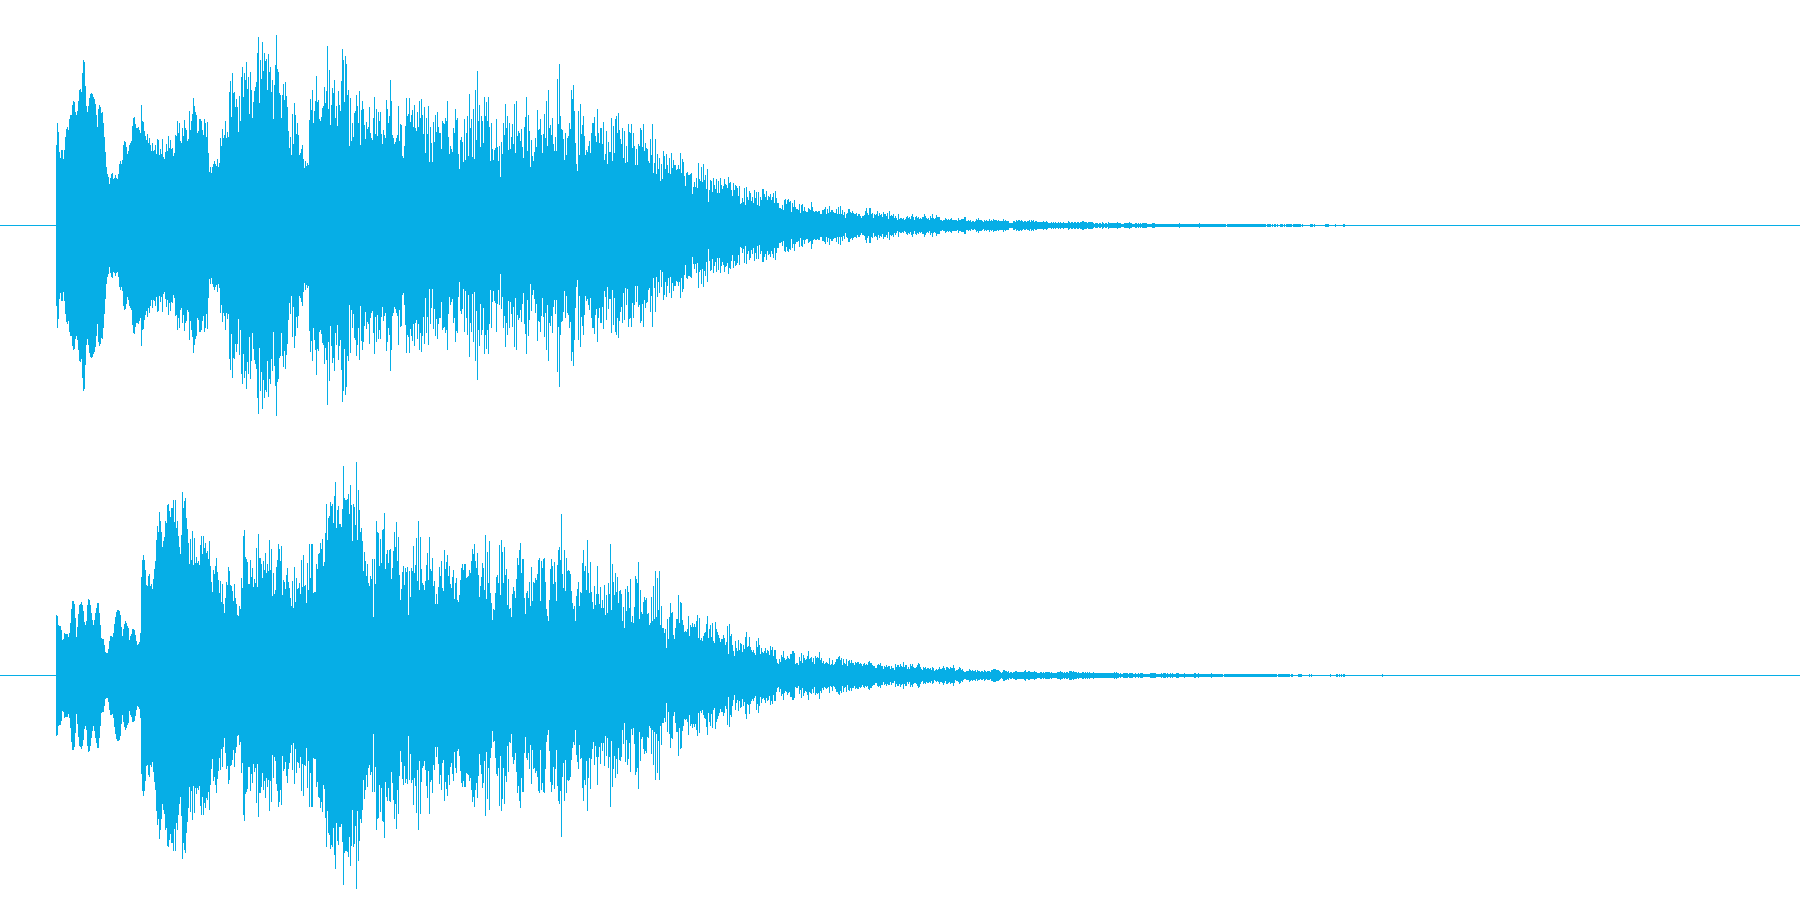 古いパソコンの終了音風ジングル4の再生済みの波形